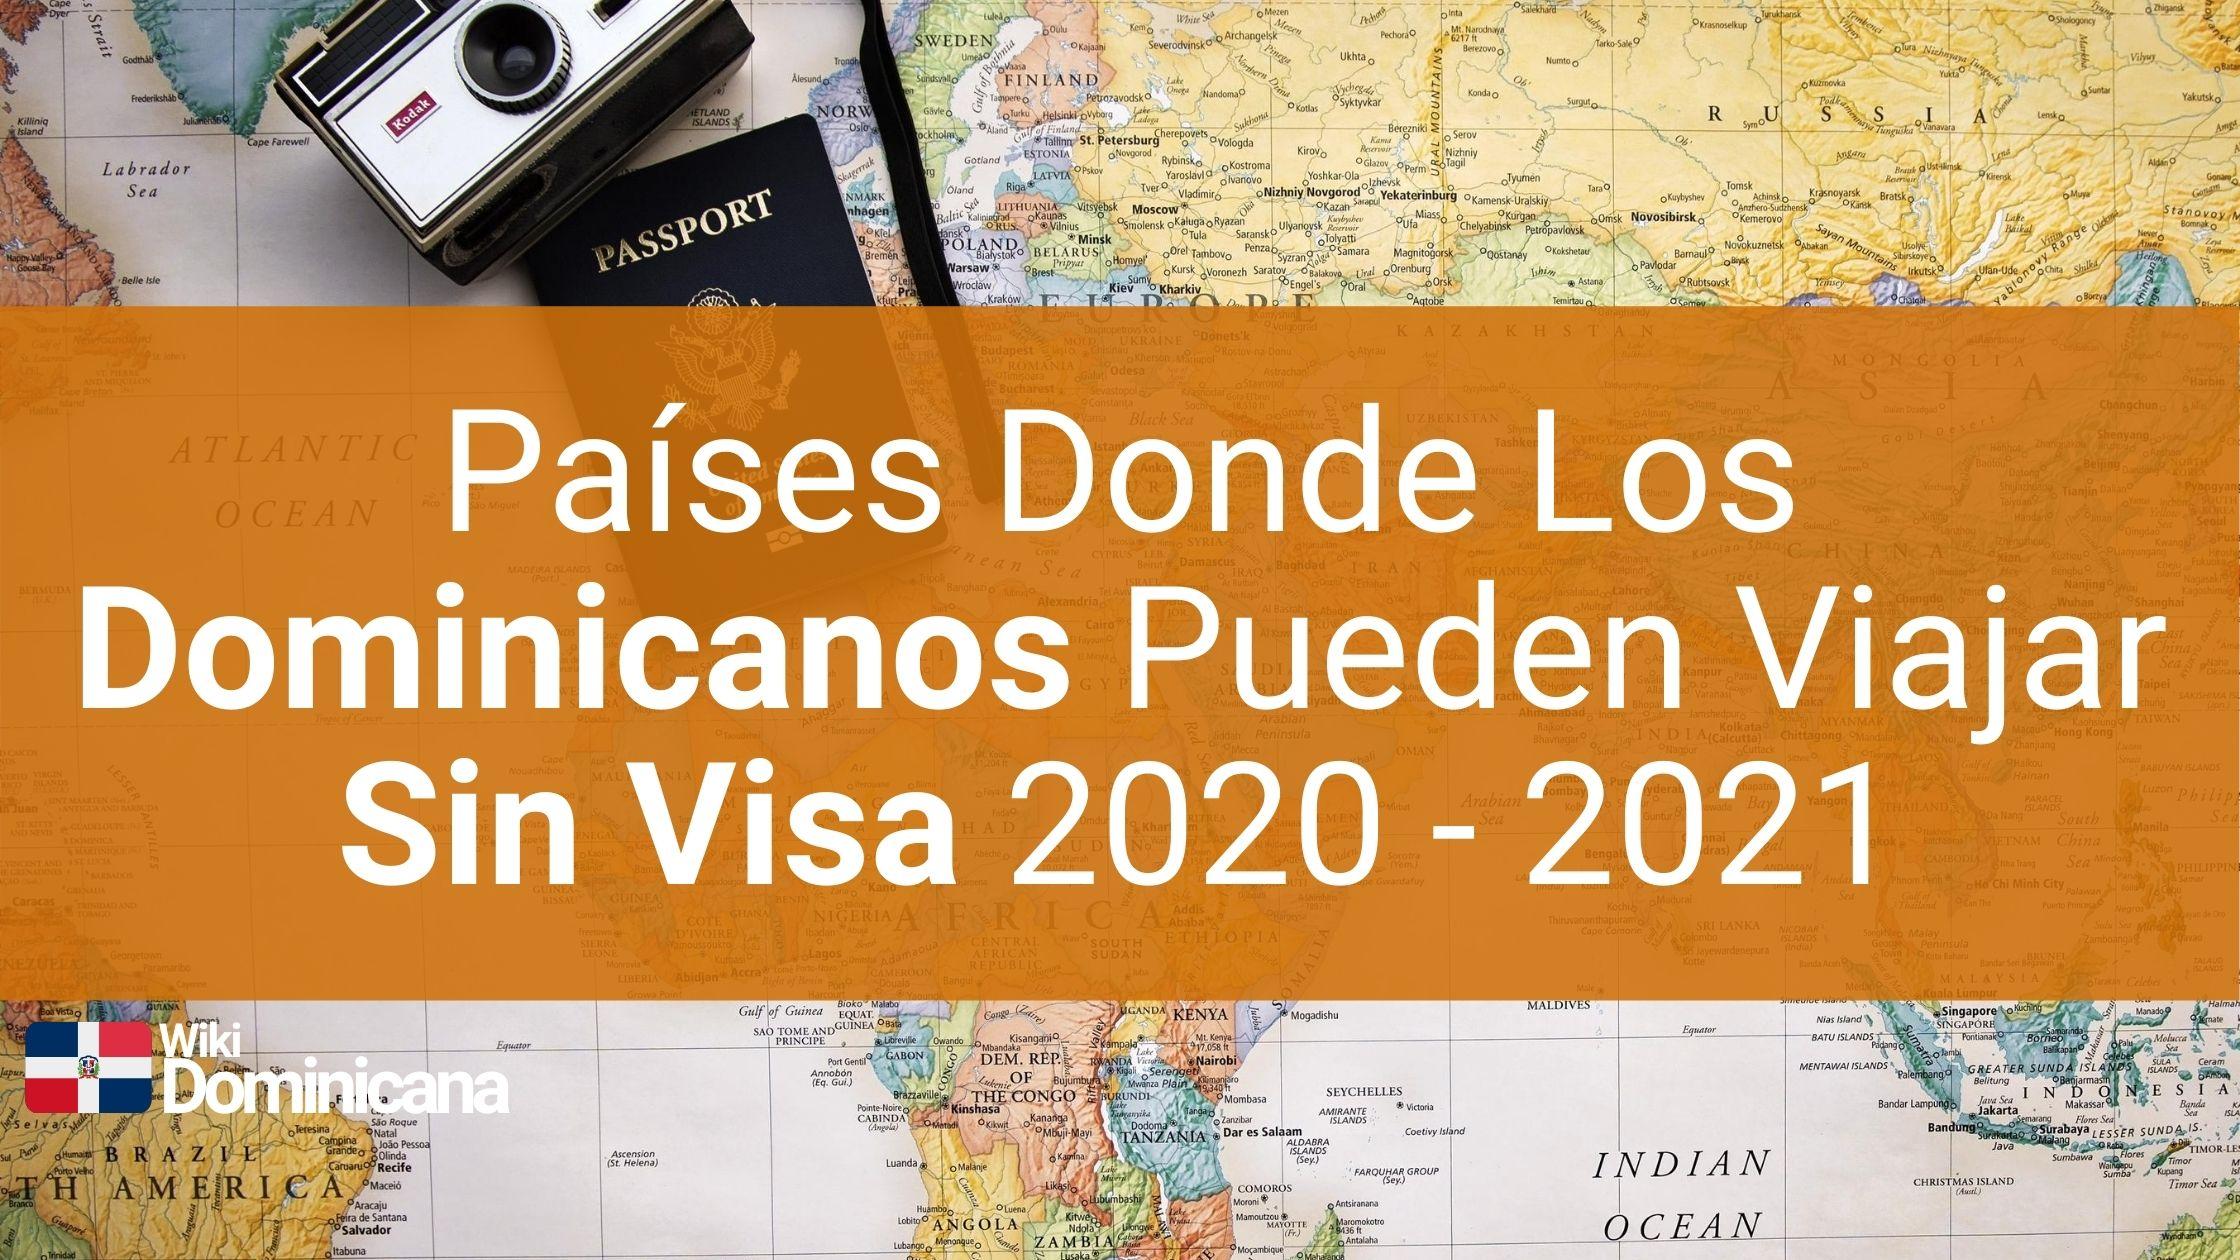 Países que los dominicanos pueden viajar sin visa 2020 - 2021